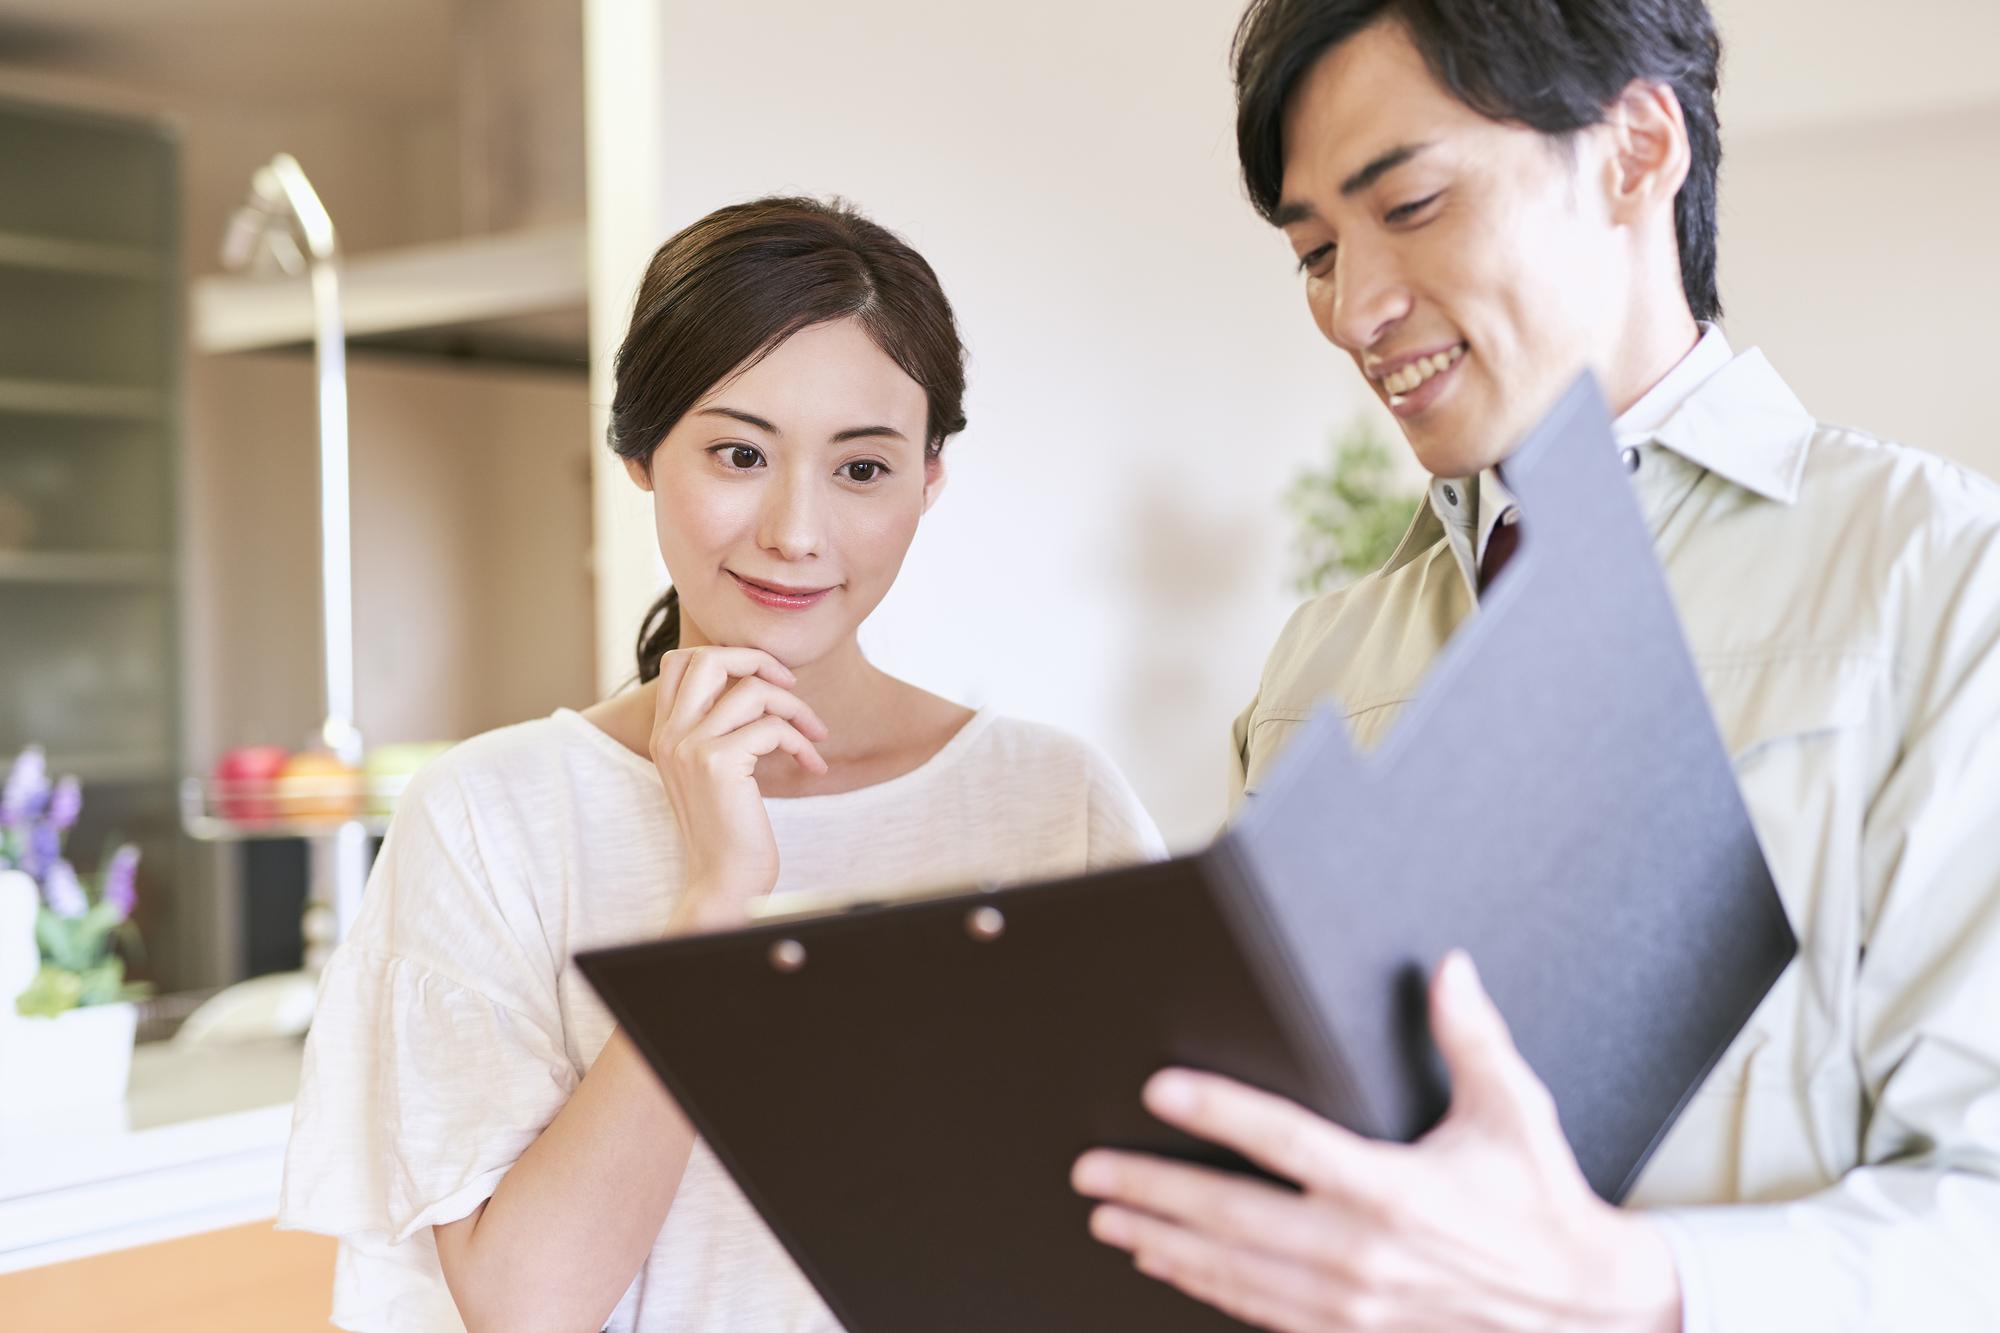 大阪でリフォームしたら費用はいくら?【大阪限定のリフォーム費用】